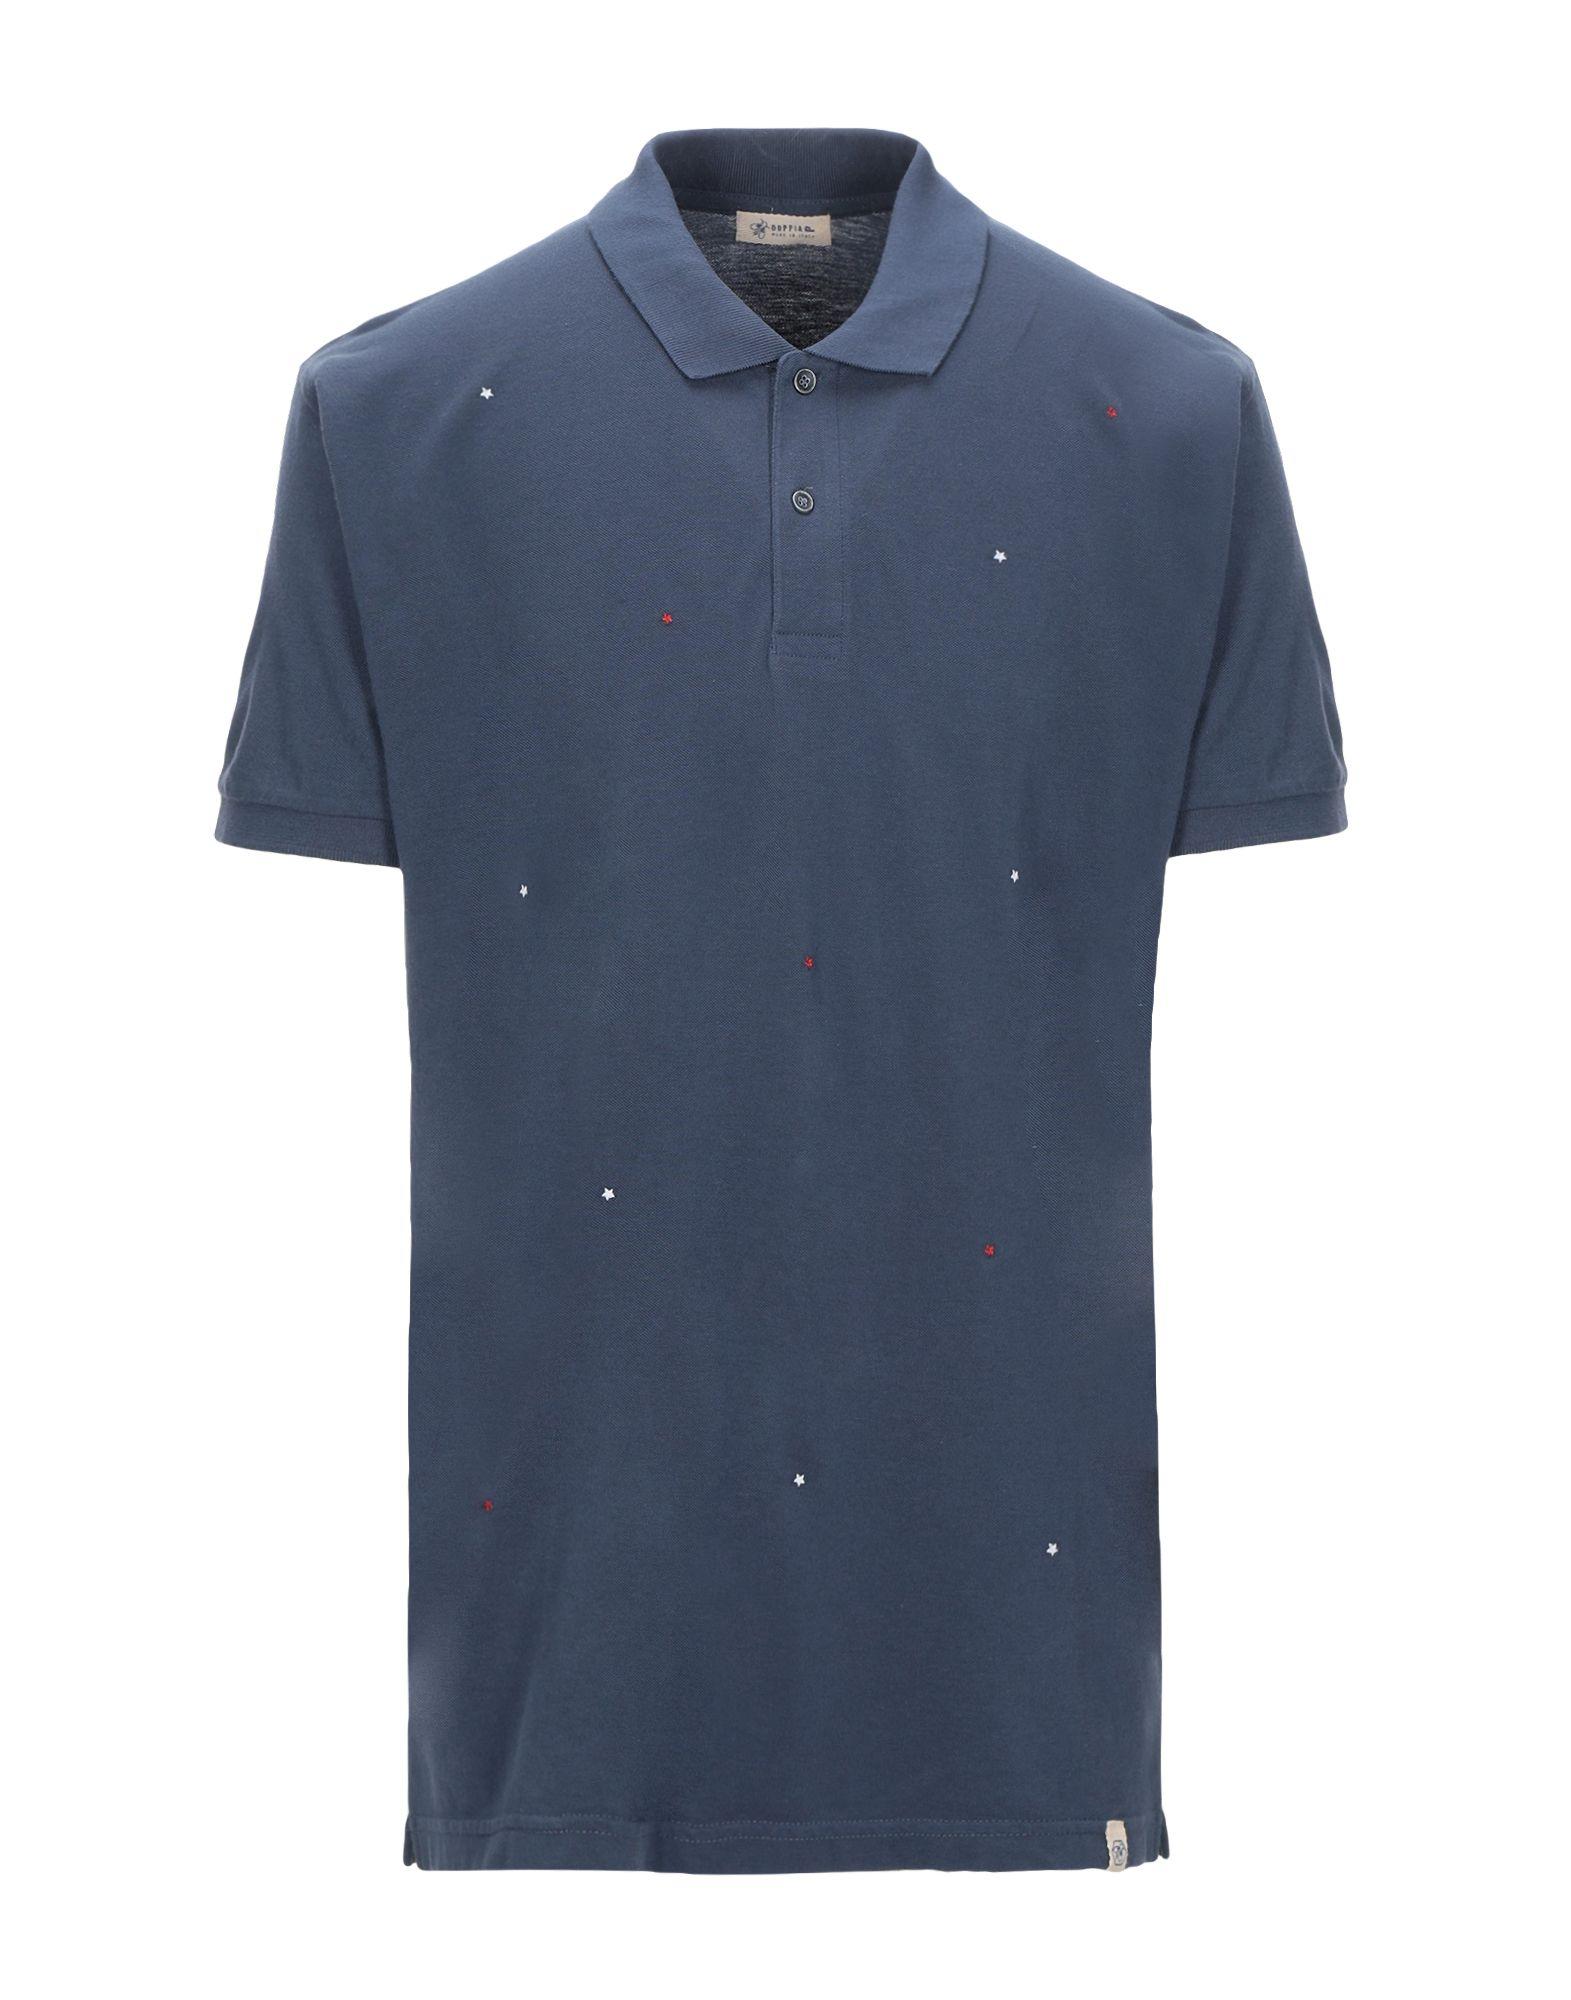 《期間限定セール開催中!》SUPPLIER DOPPIA P メンズ ポロシャツ ダークブルー M コットン 100%